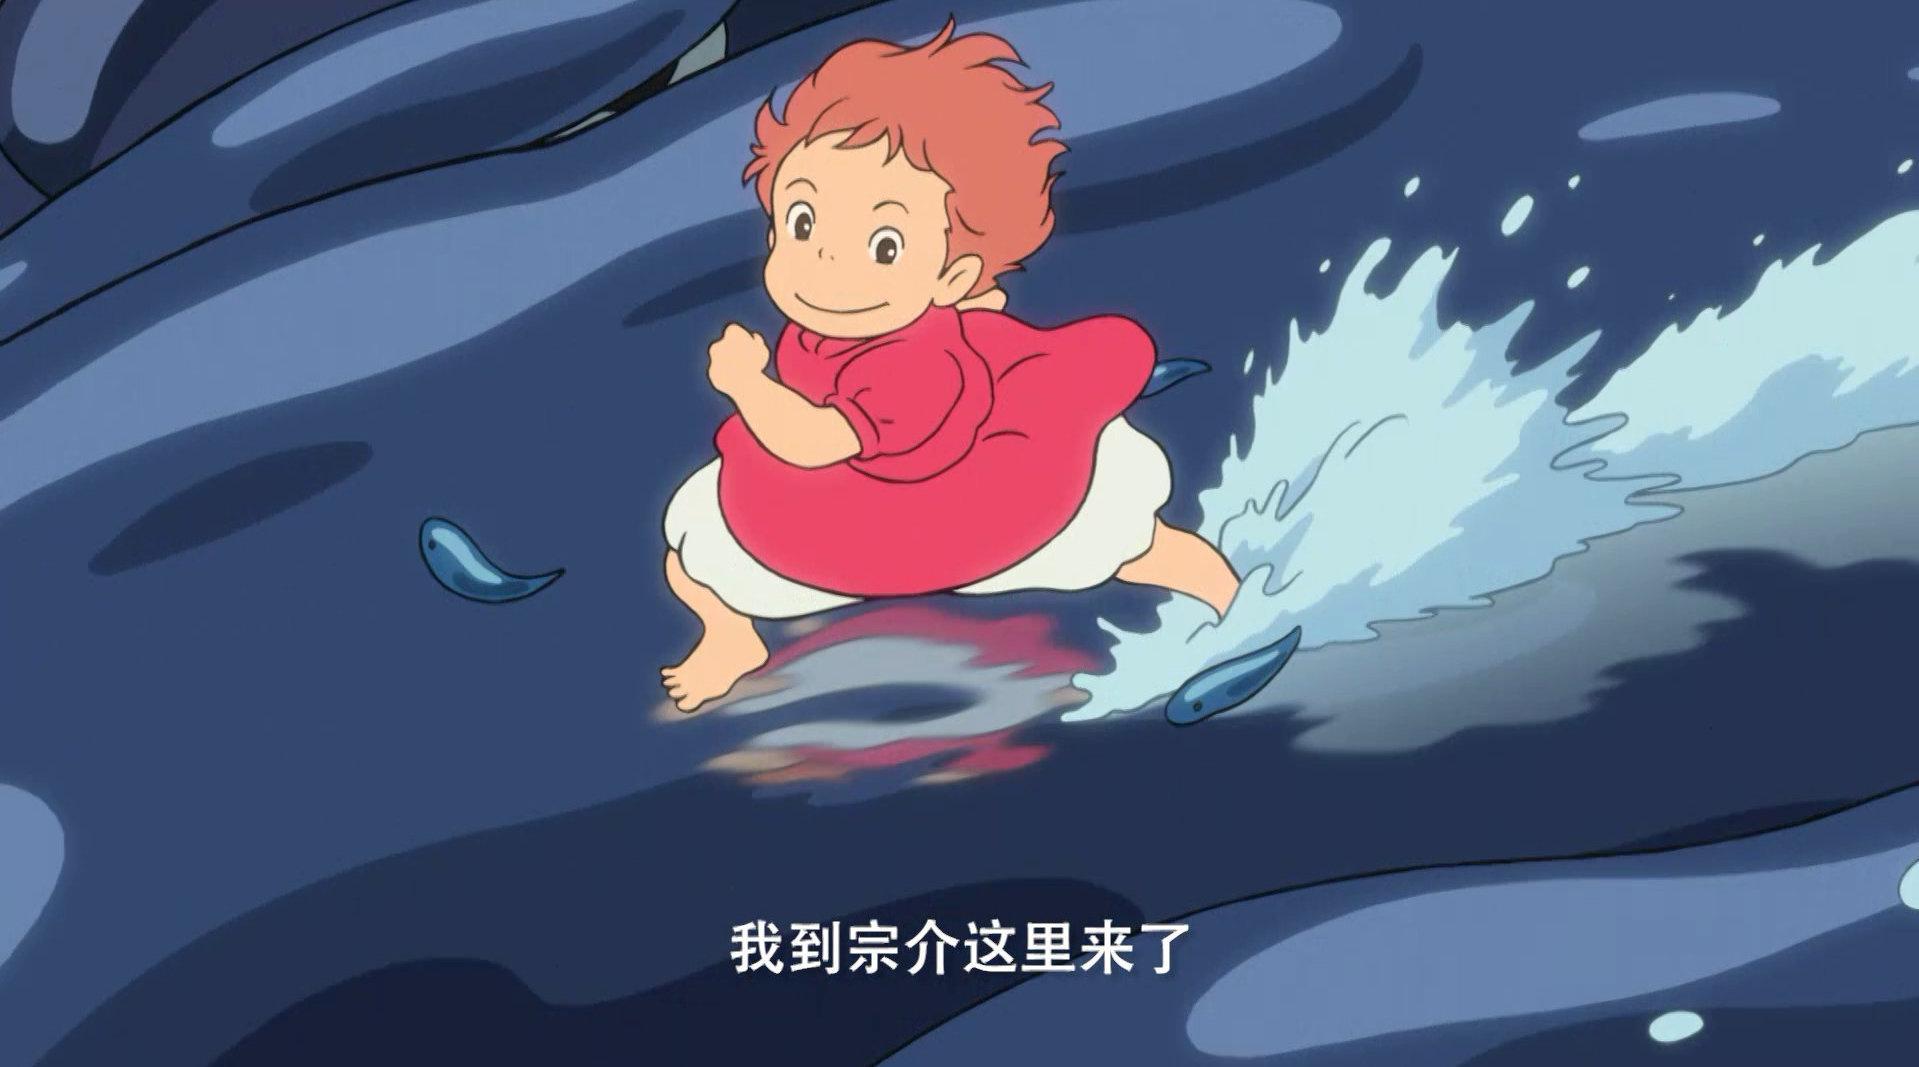 宫崎骏经典作品《崖上的波妞(悬崖上的金鱼姬)》发布定档预告